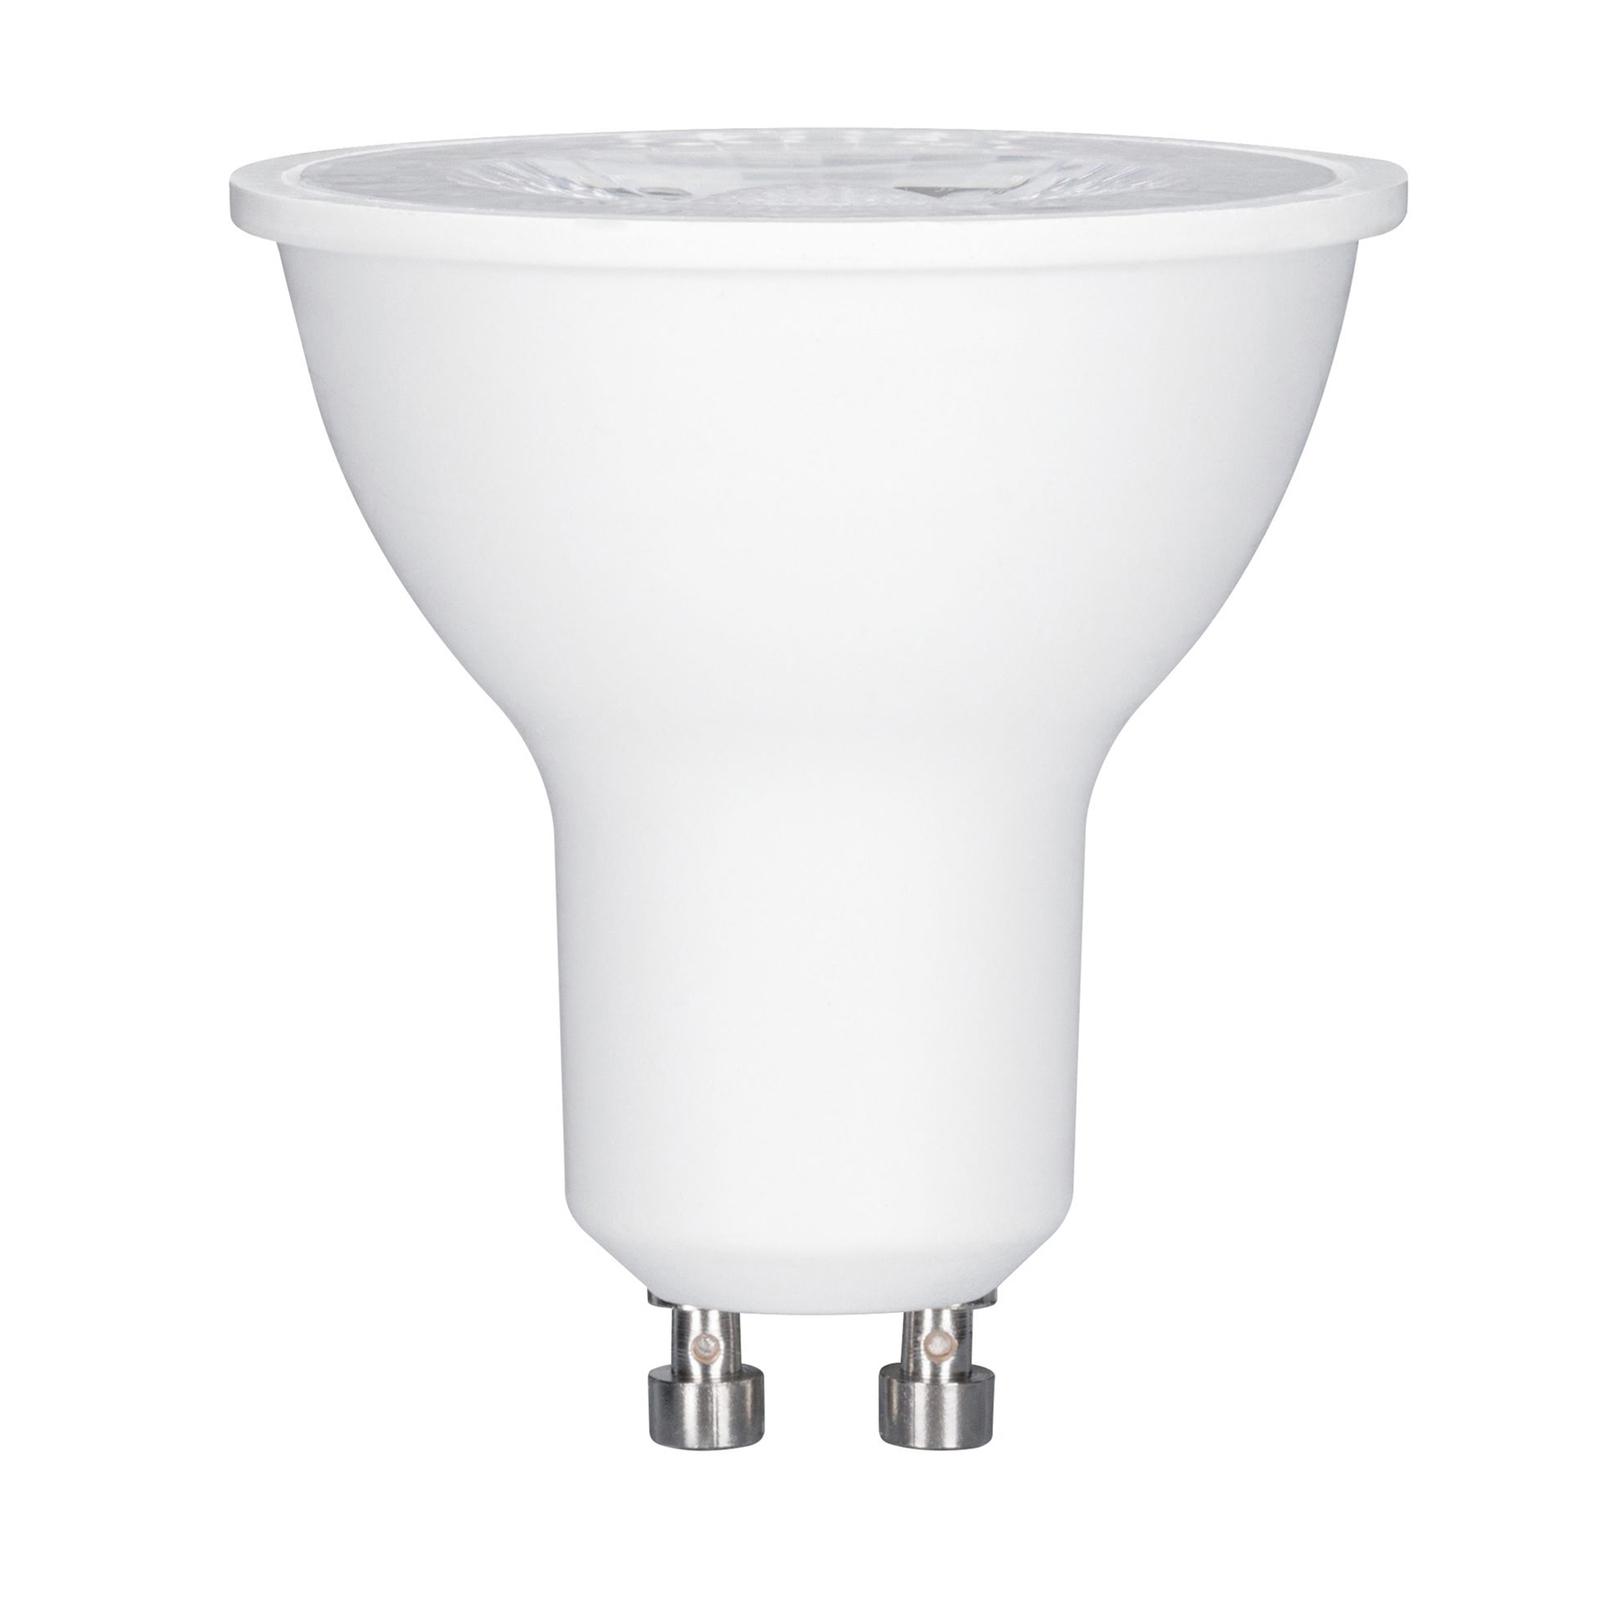 Paulmann LED-Reflektor GU10 6W 350lm dim to warm